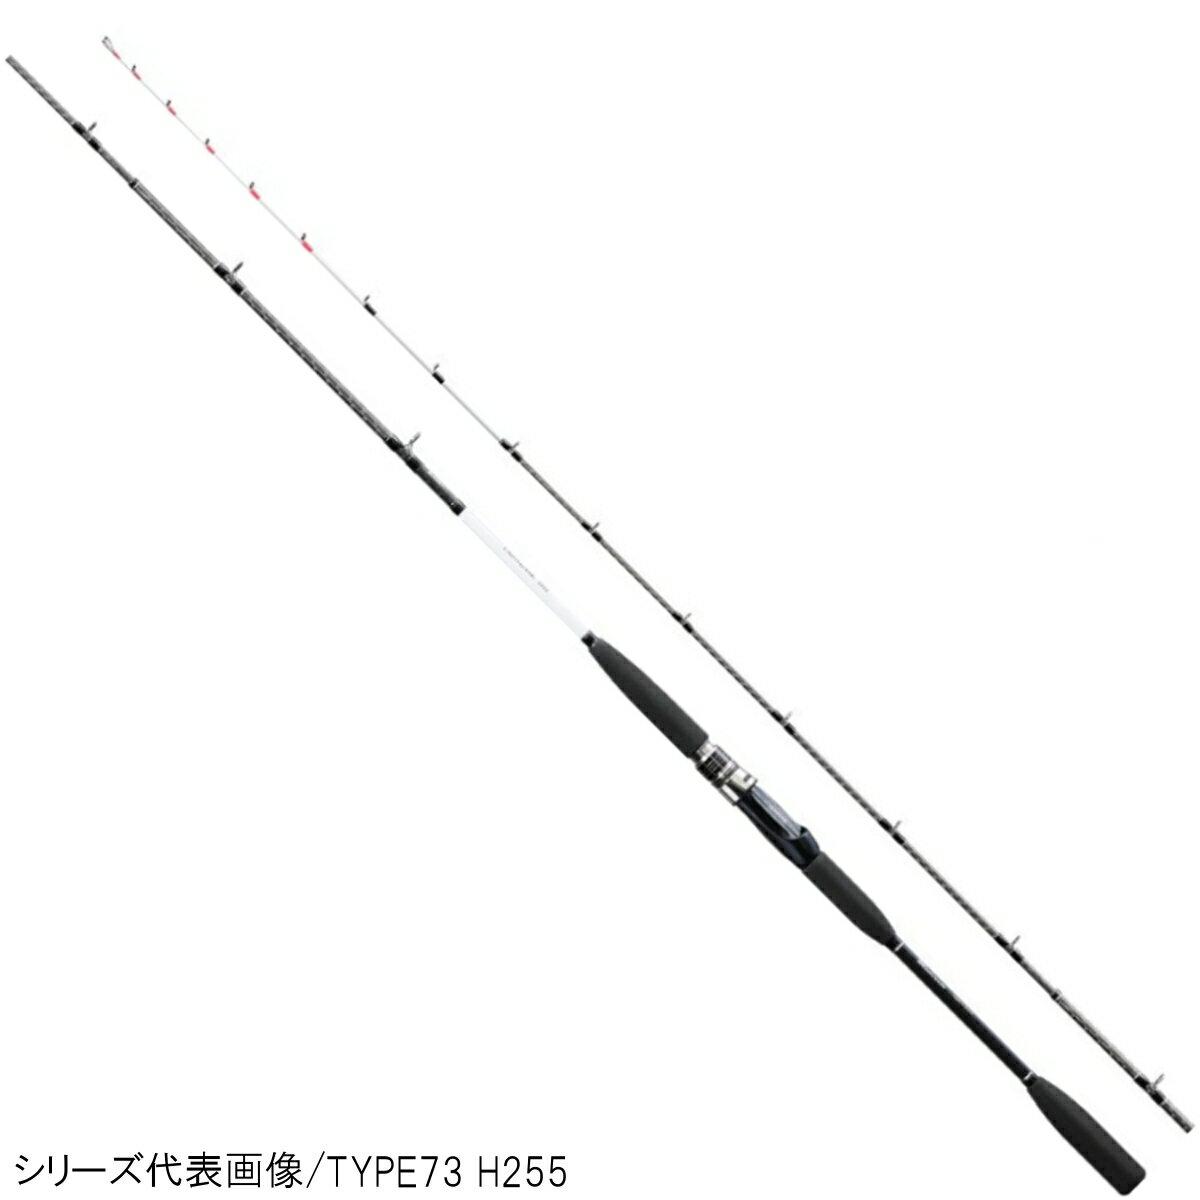 シマノ ライトゲーム BB モデラート TYPE73 H225